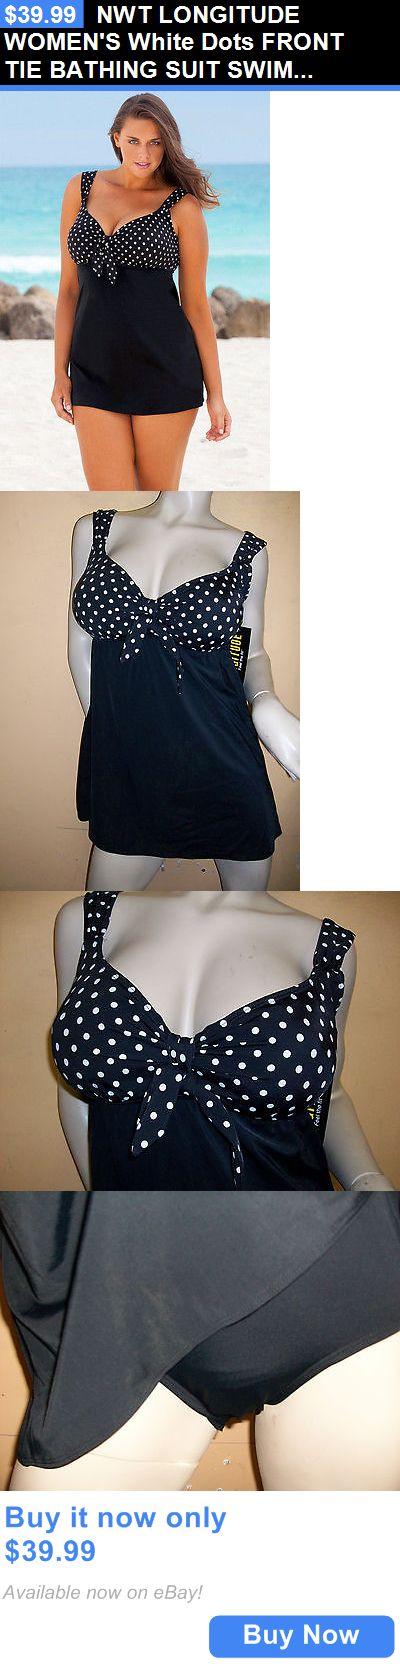 Women Swimwear: Nwt Longitude Womens White Dots Front Tie Bathing Suit Swim Dress Size - 18 BUY IT NOW ONLY: $39.99